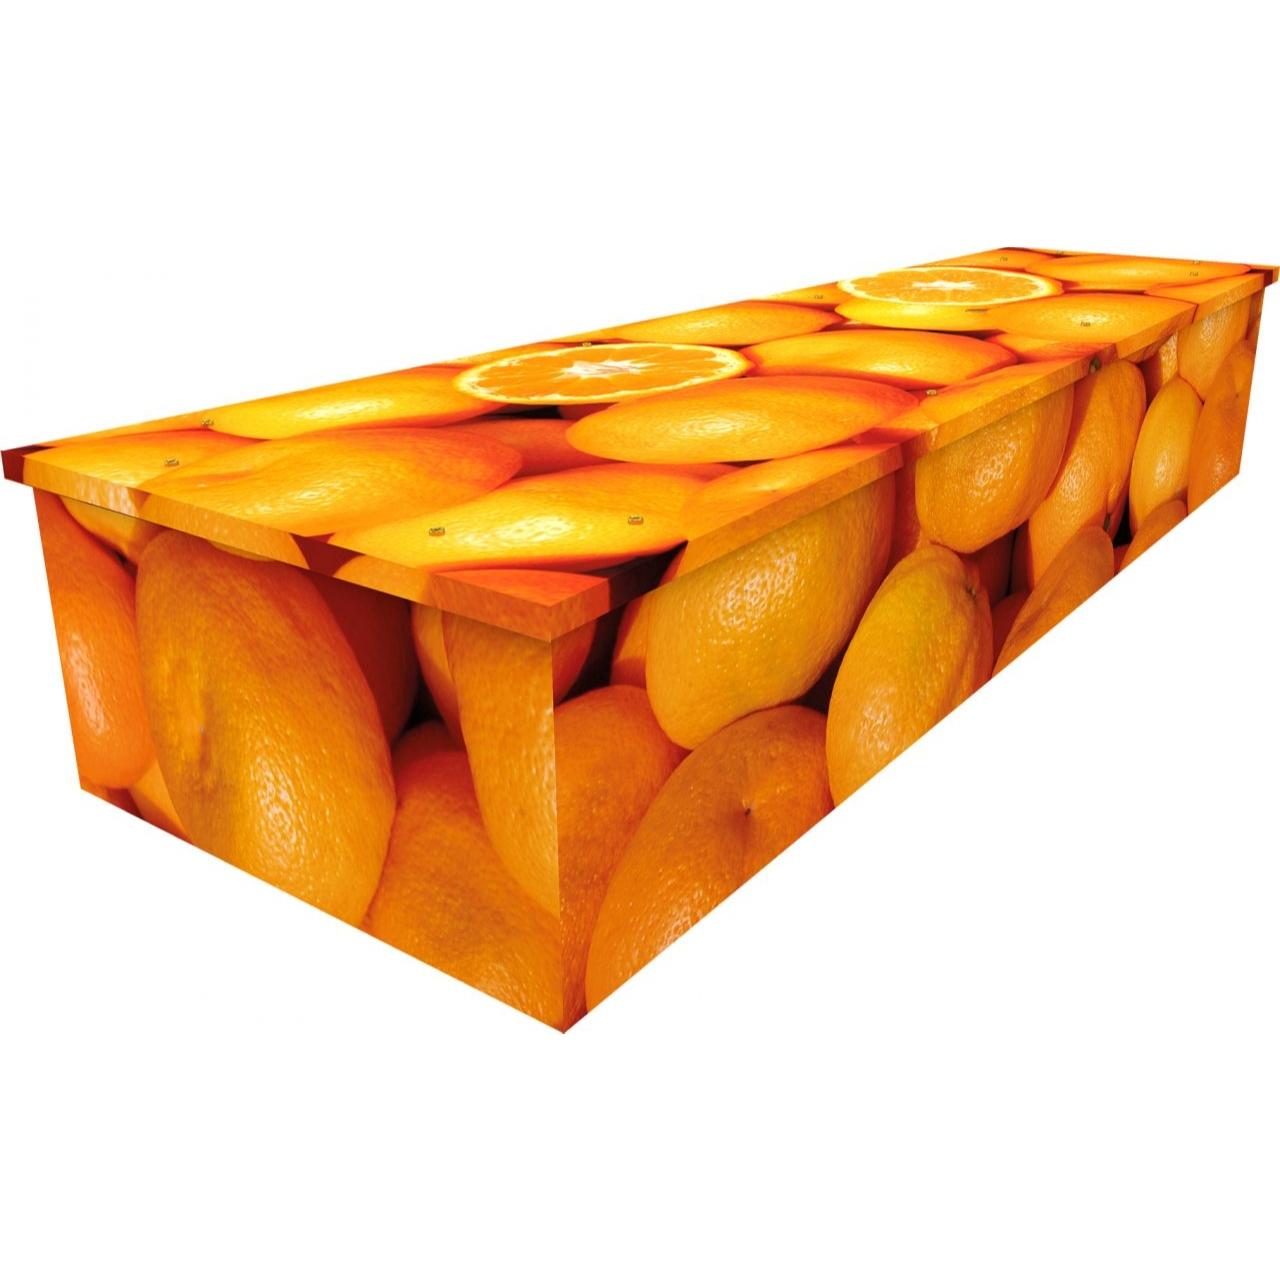 Oranges Cardboard Coffin